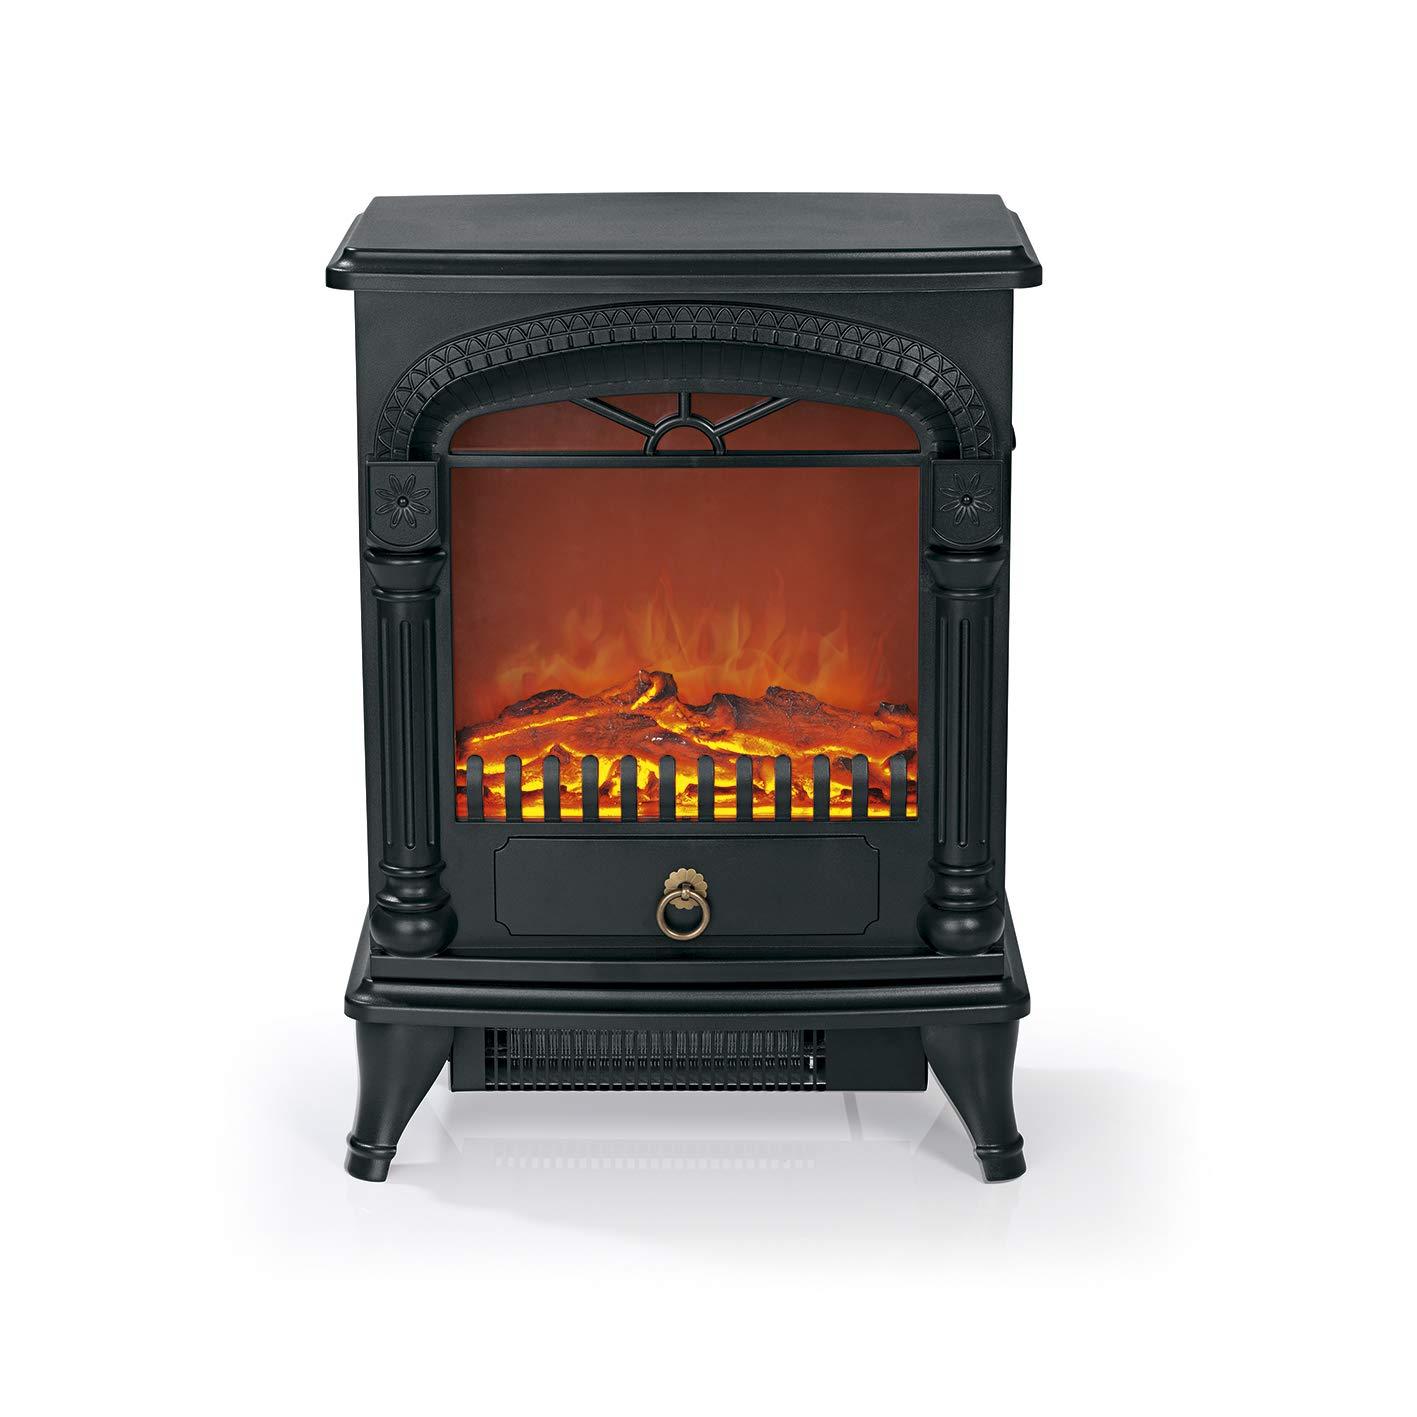 easymaxx 03908 elé ctrico de chimenea | realista efecto llama con 2 niveles de calor, 1950 W 1950W DS-Produkte